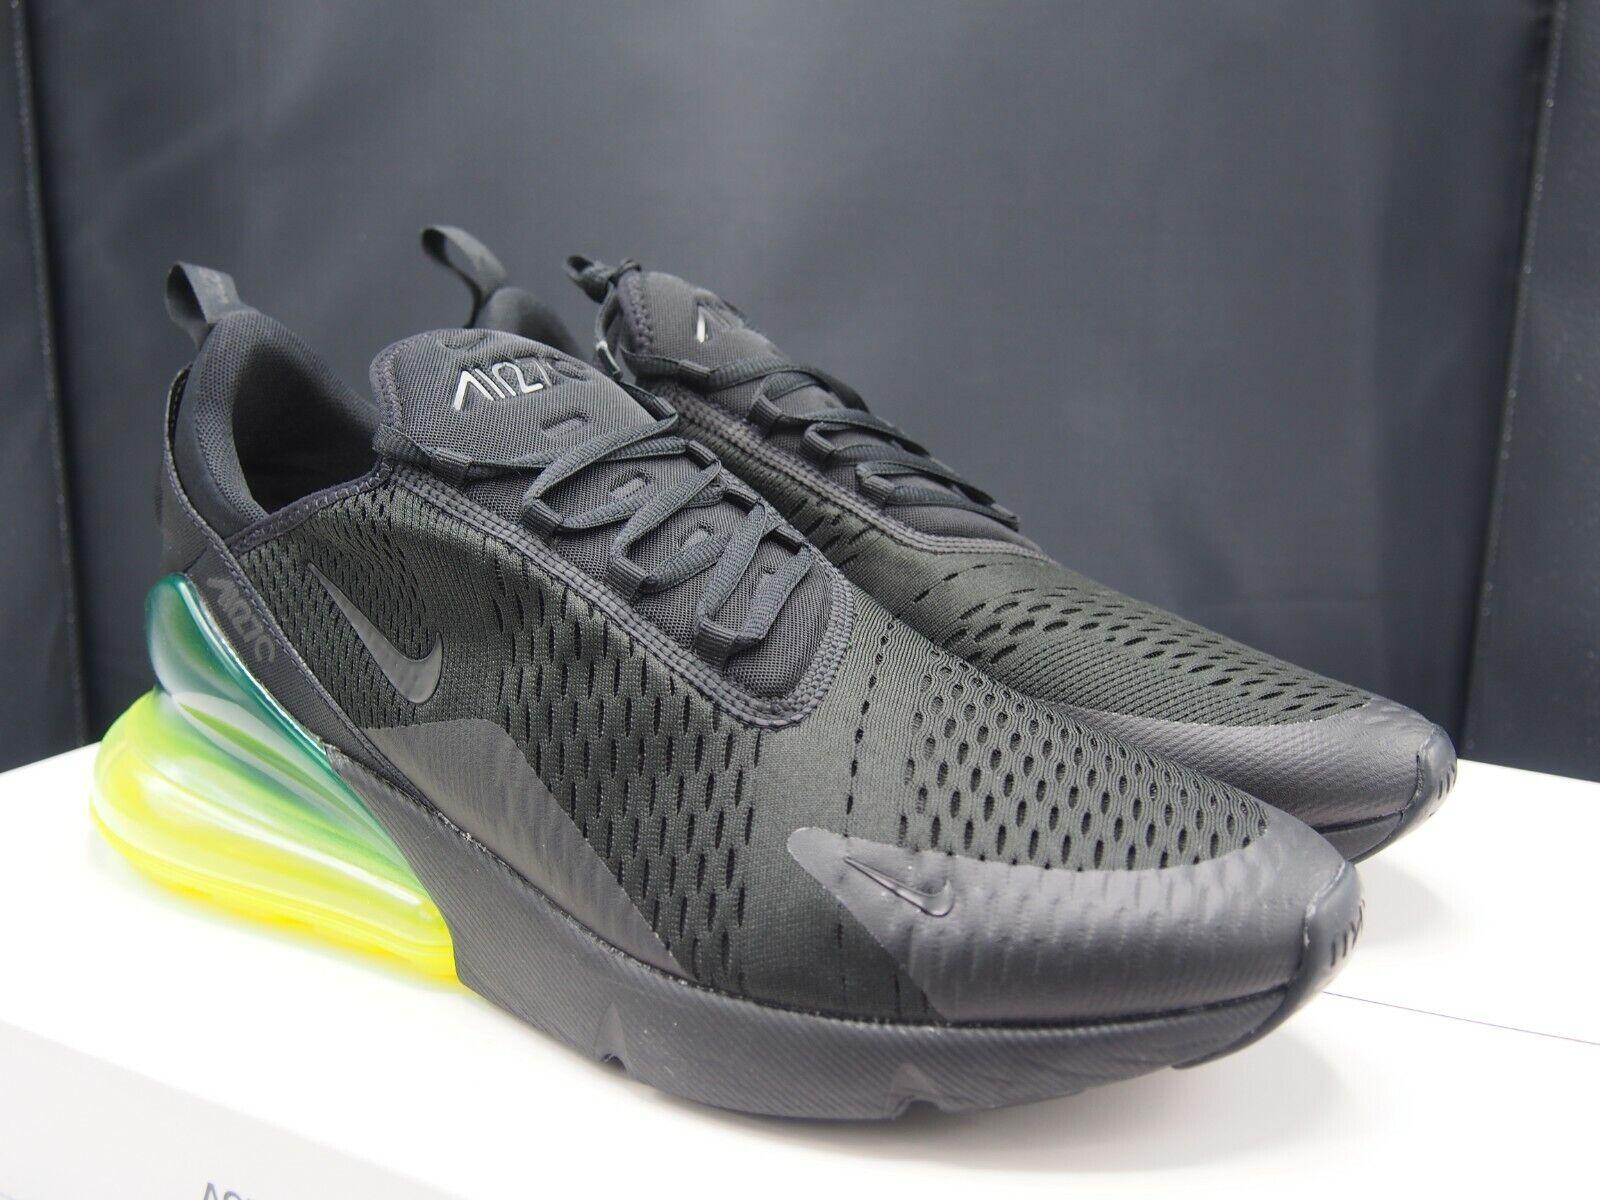 Nike Air Max 270 Black   Volt AH8050-011 Men's size 15 US